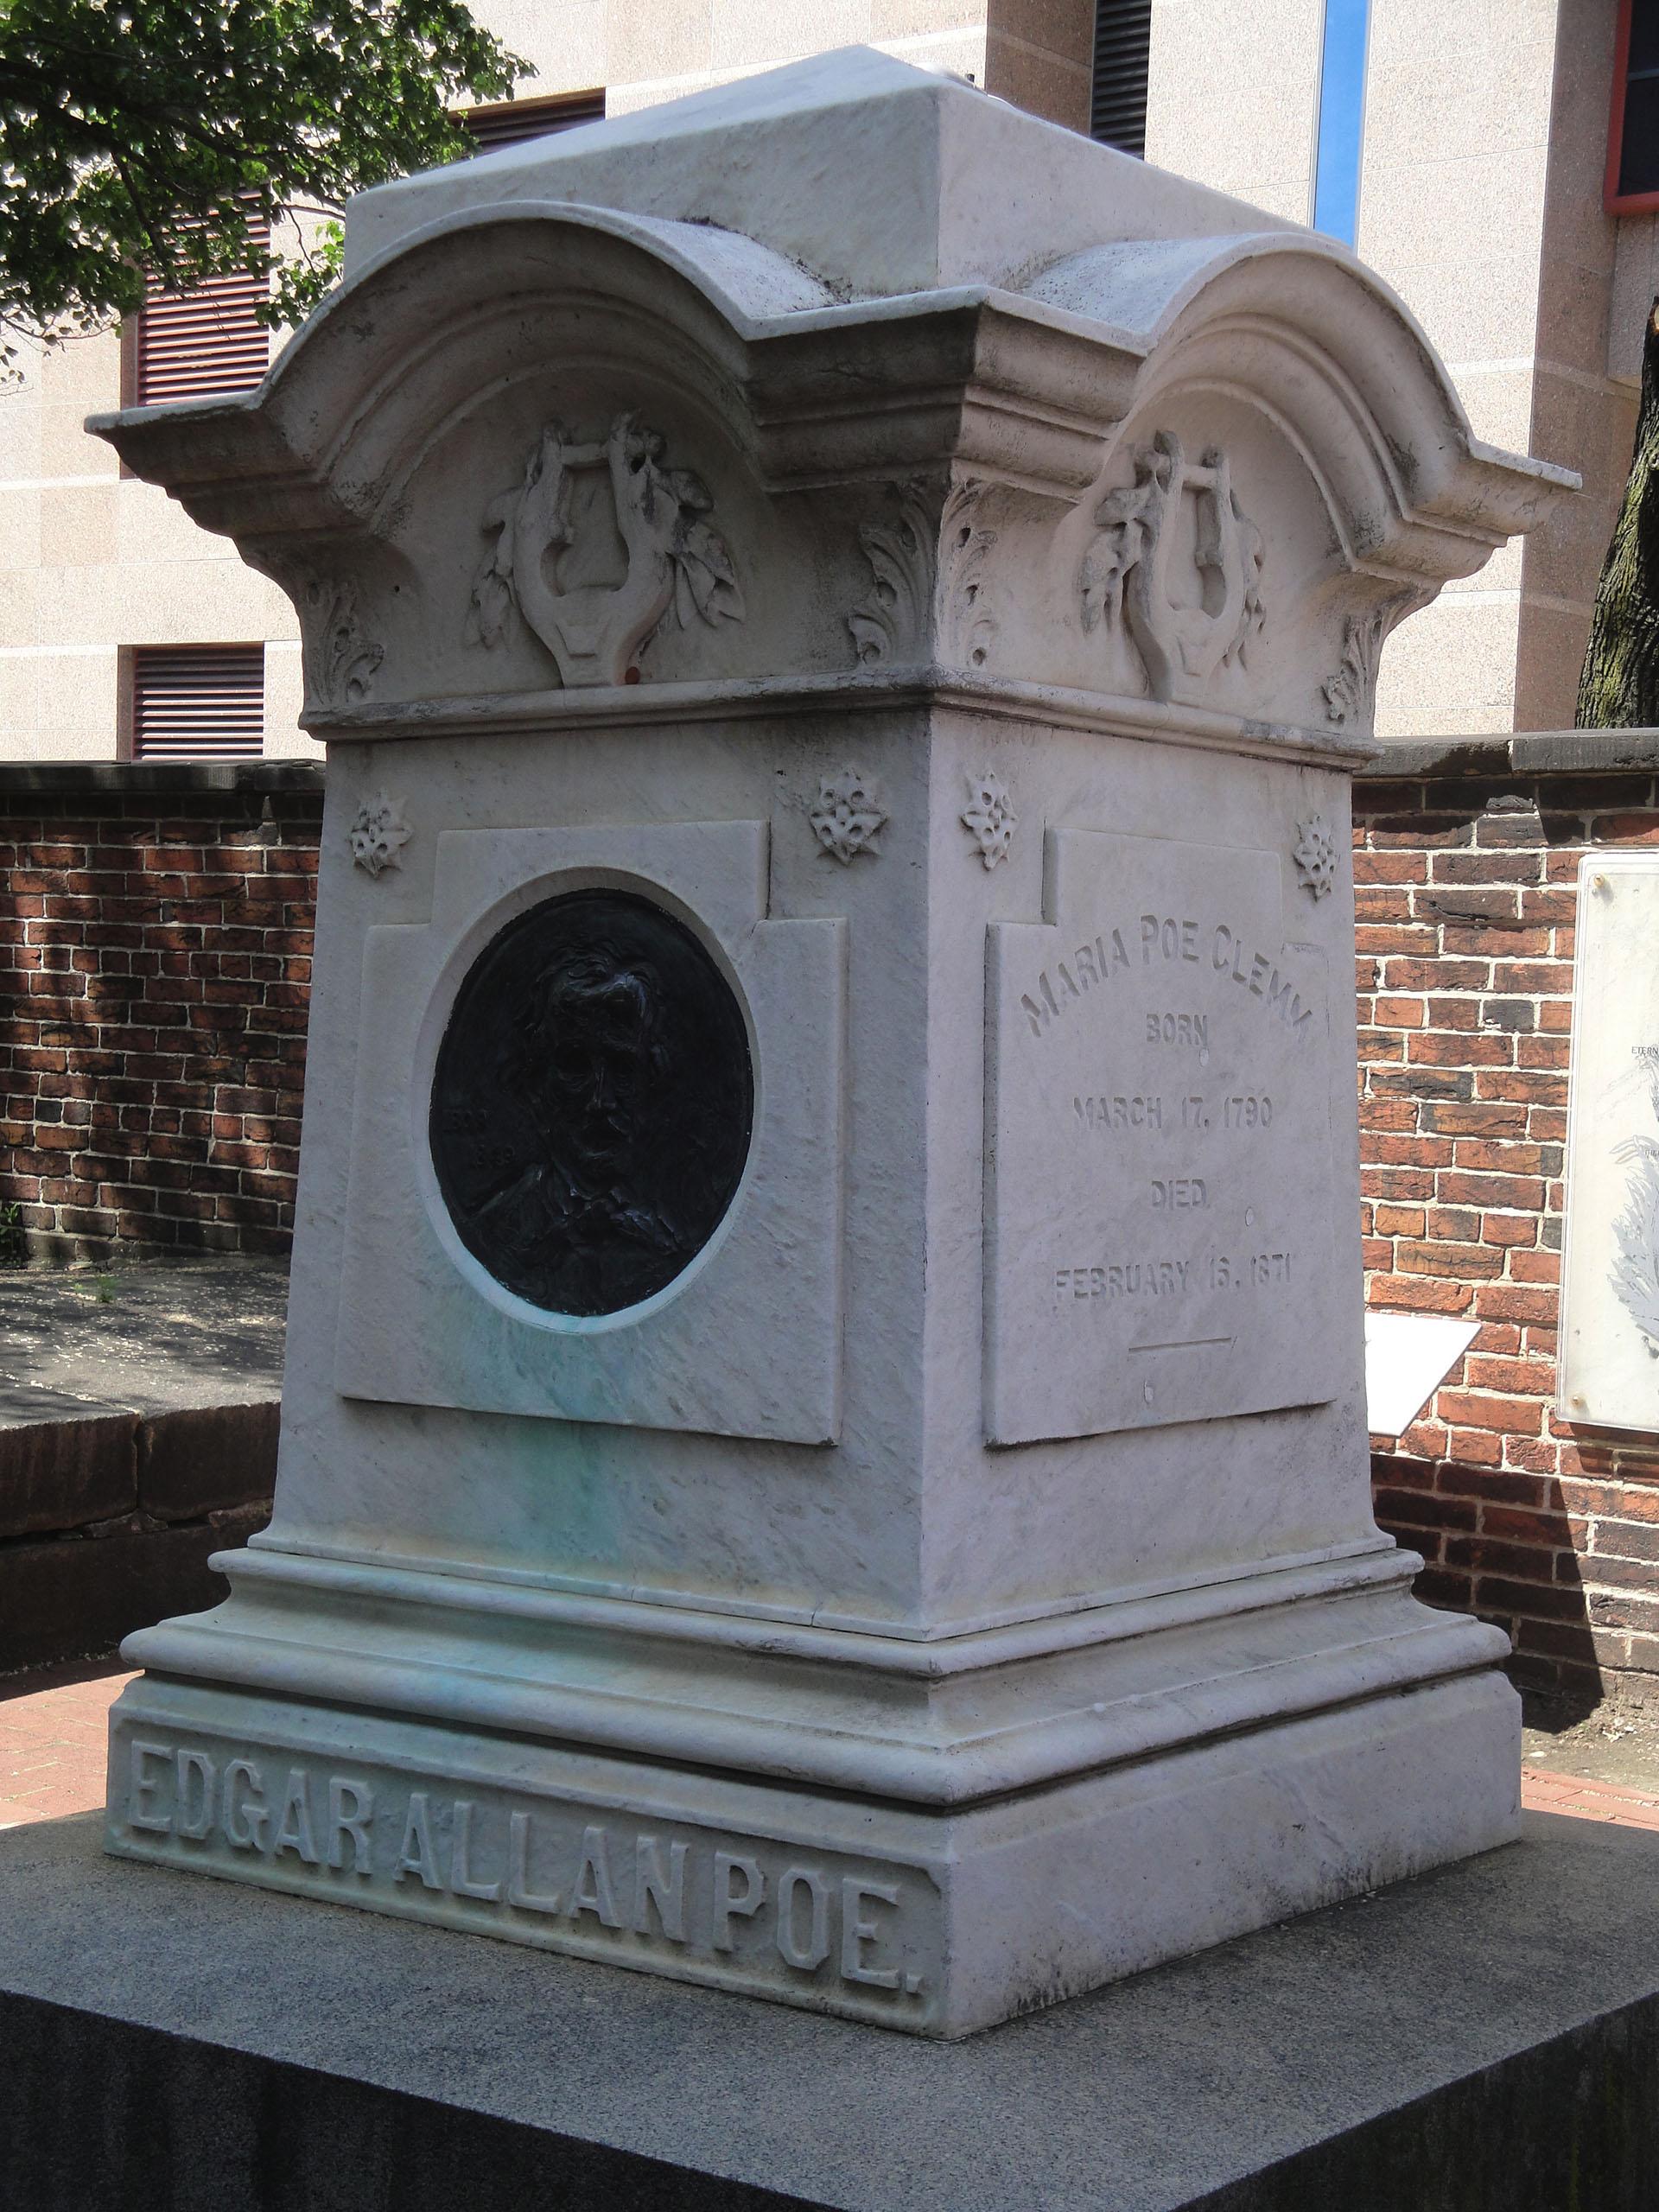 Edgard Allan Poe's Grave